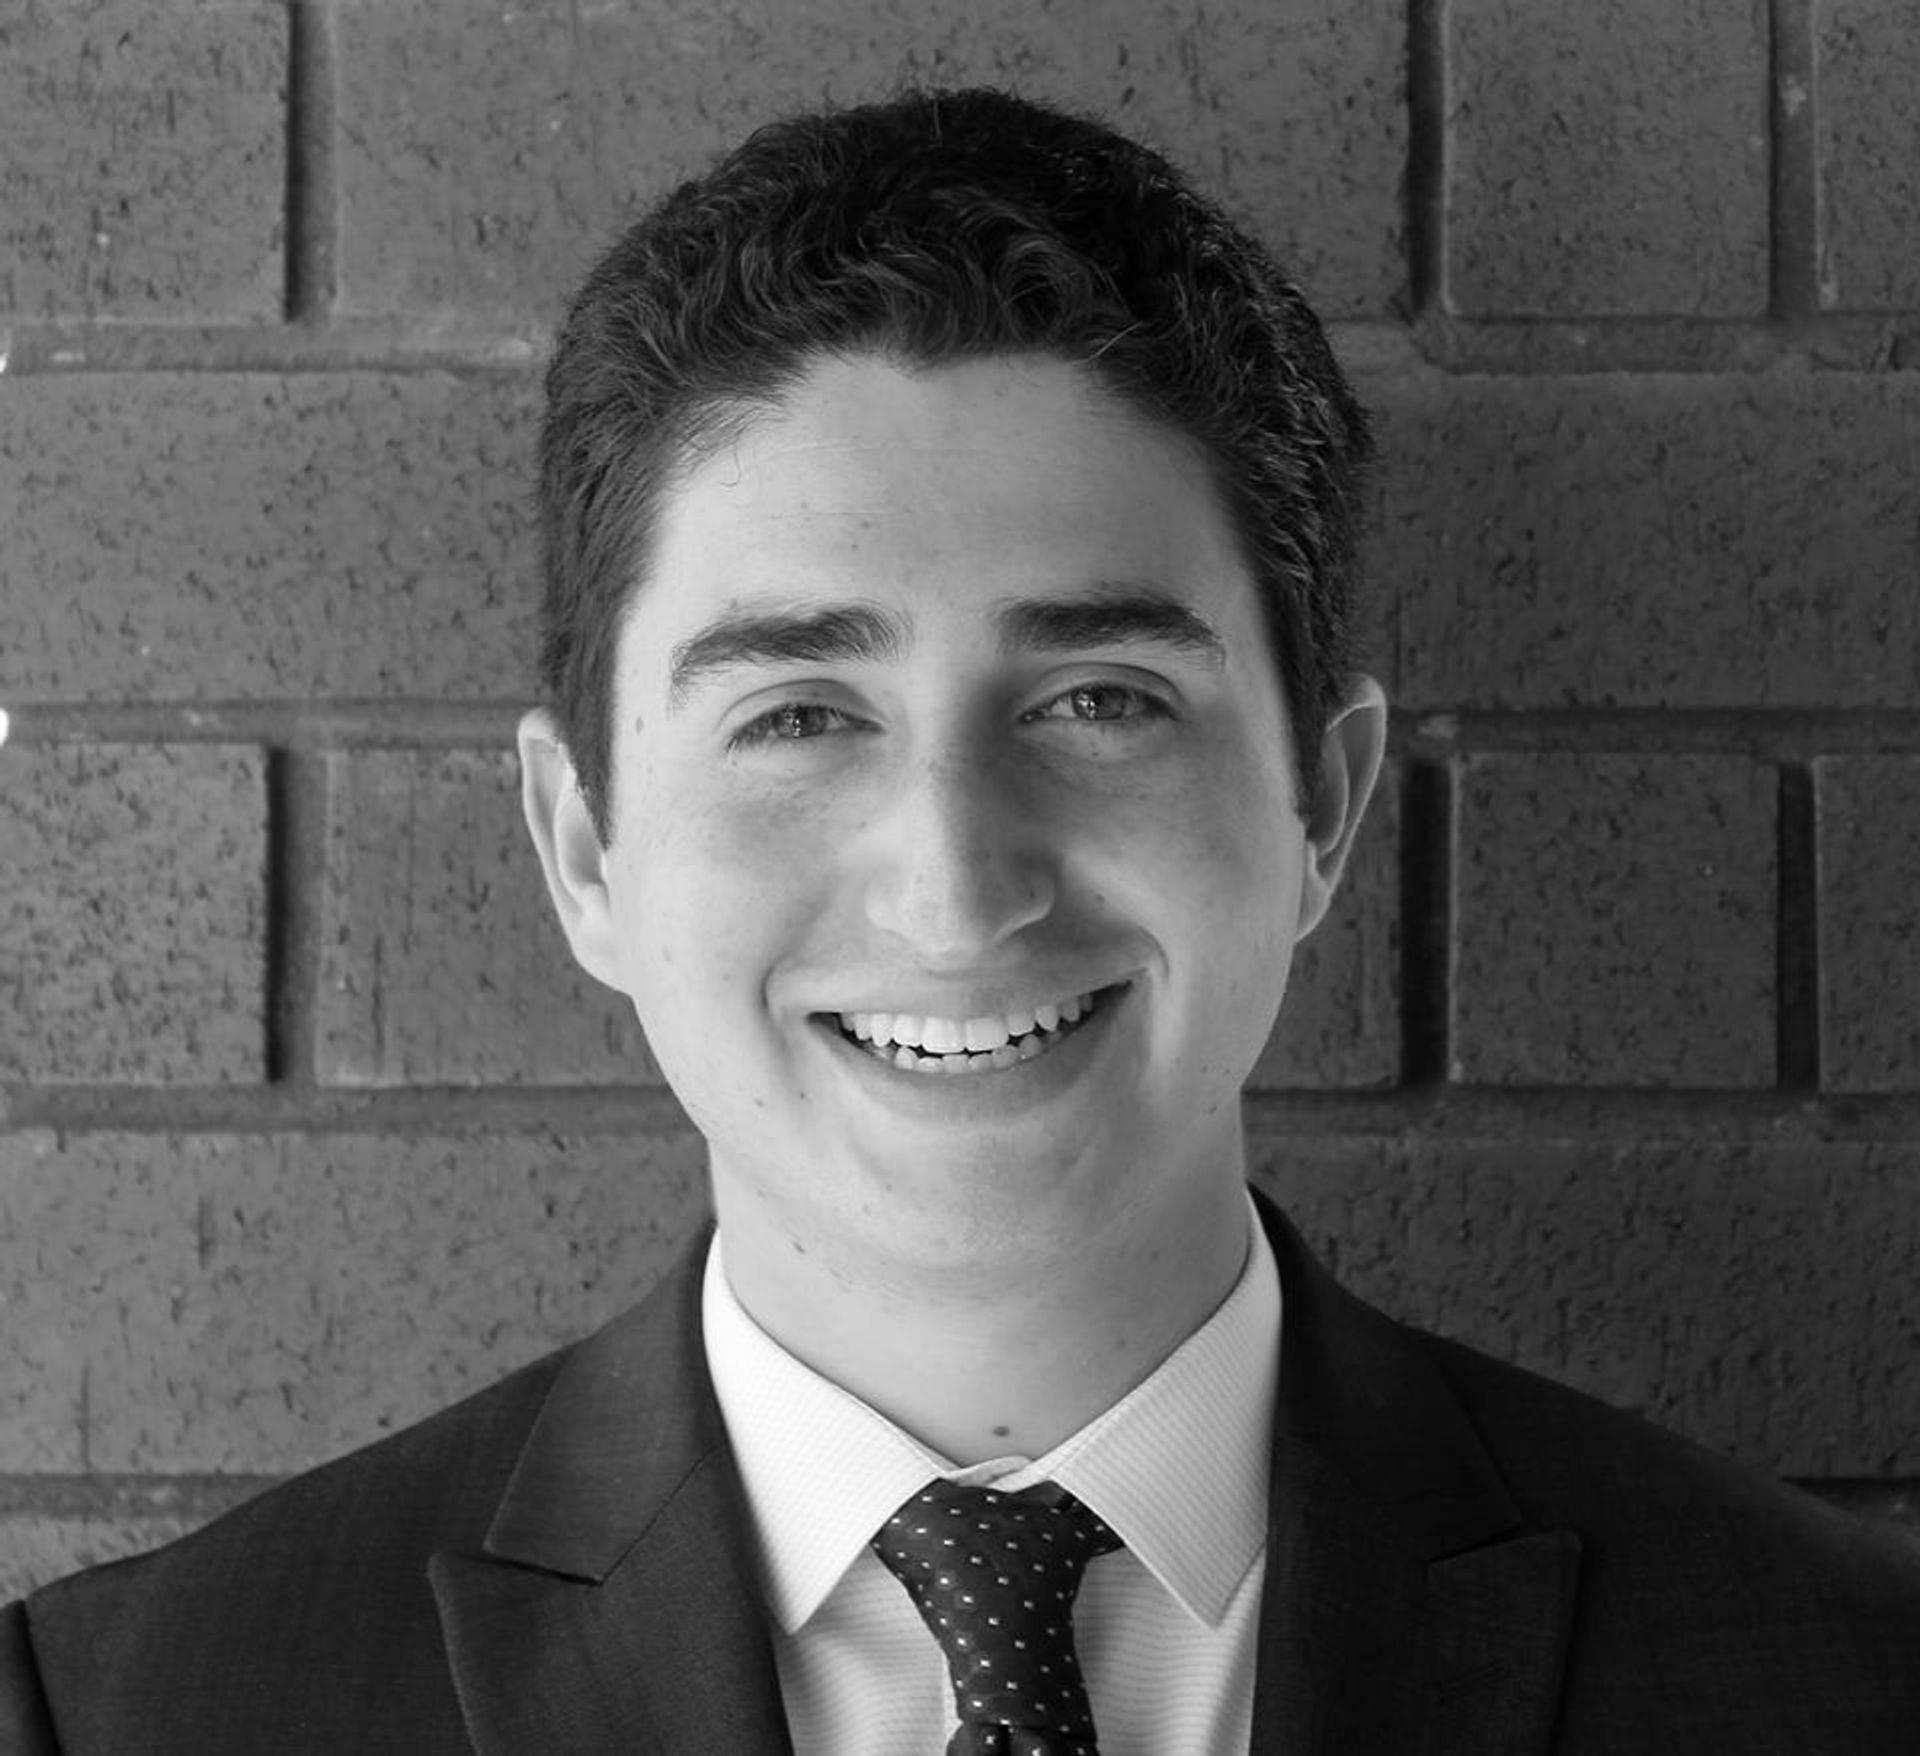 Josh Cahen - Class of 2014 - Major: Business AdministrationOther Activities: Alpha Epsilon PiFun Fact: